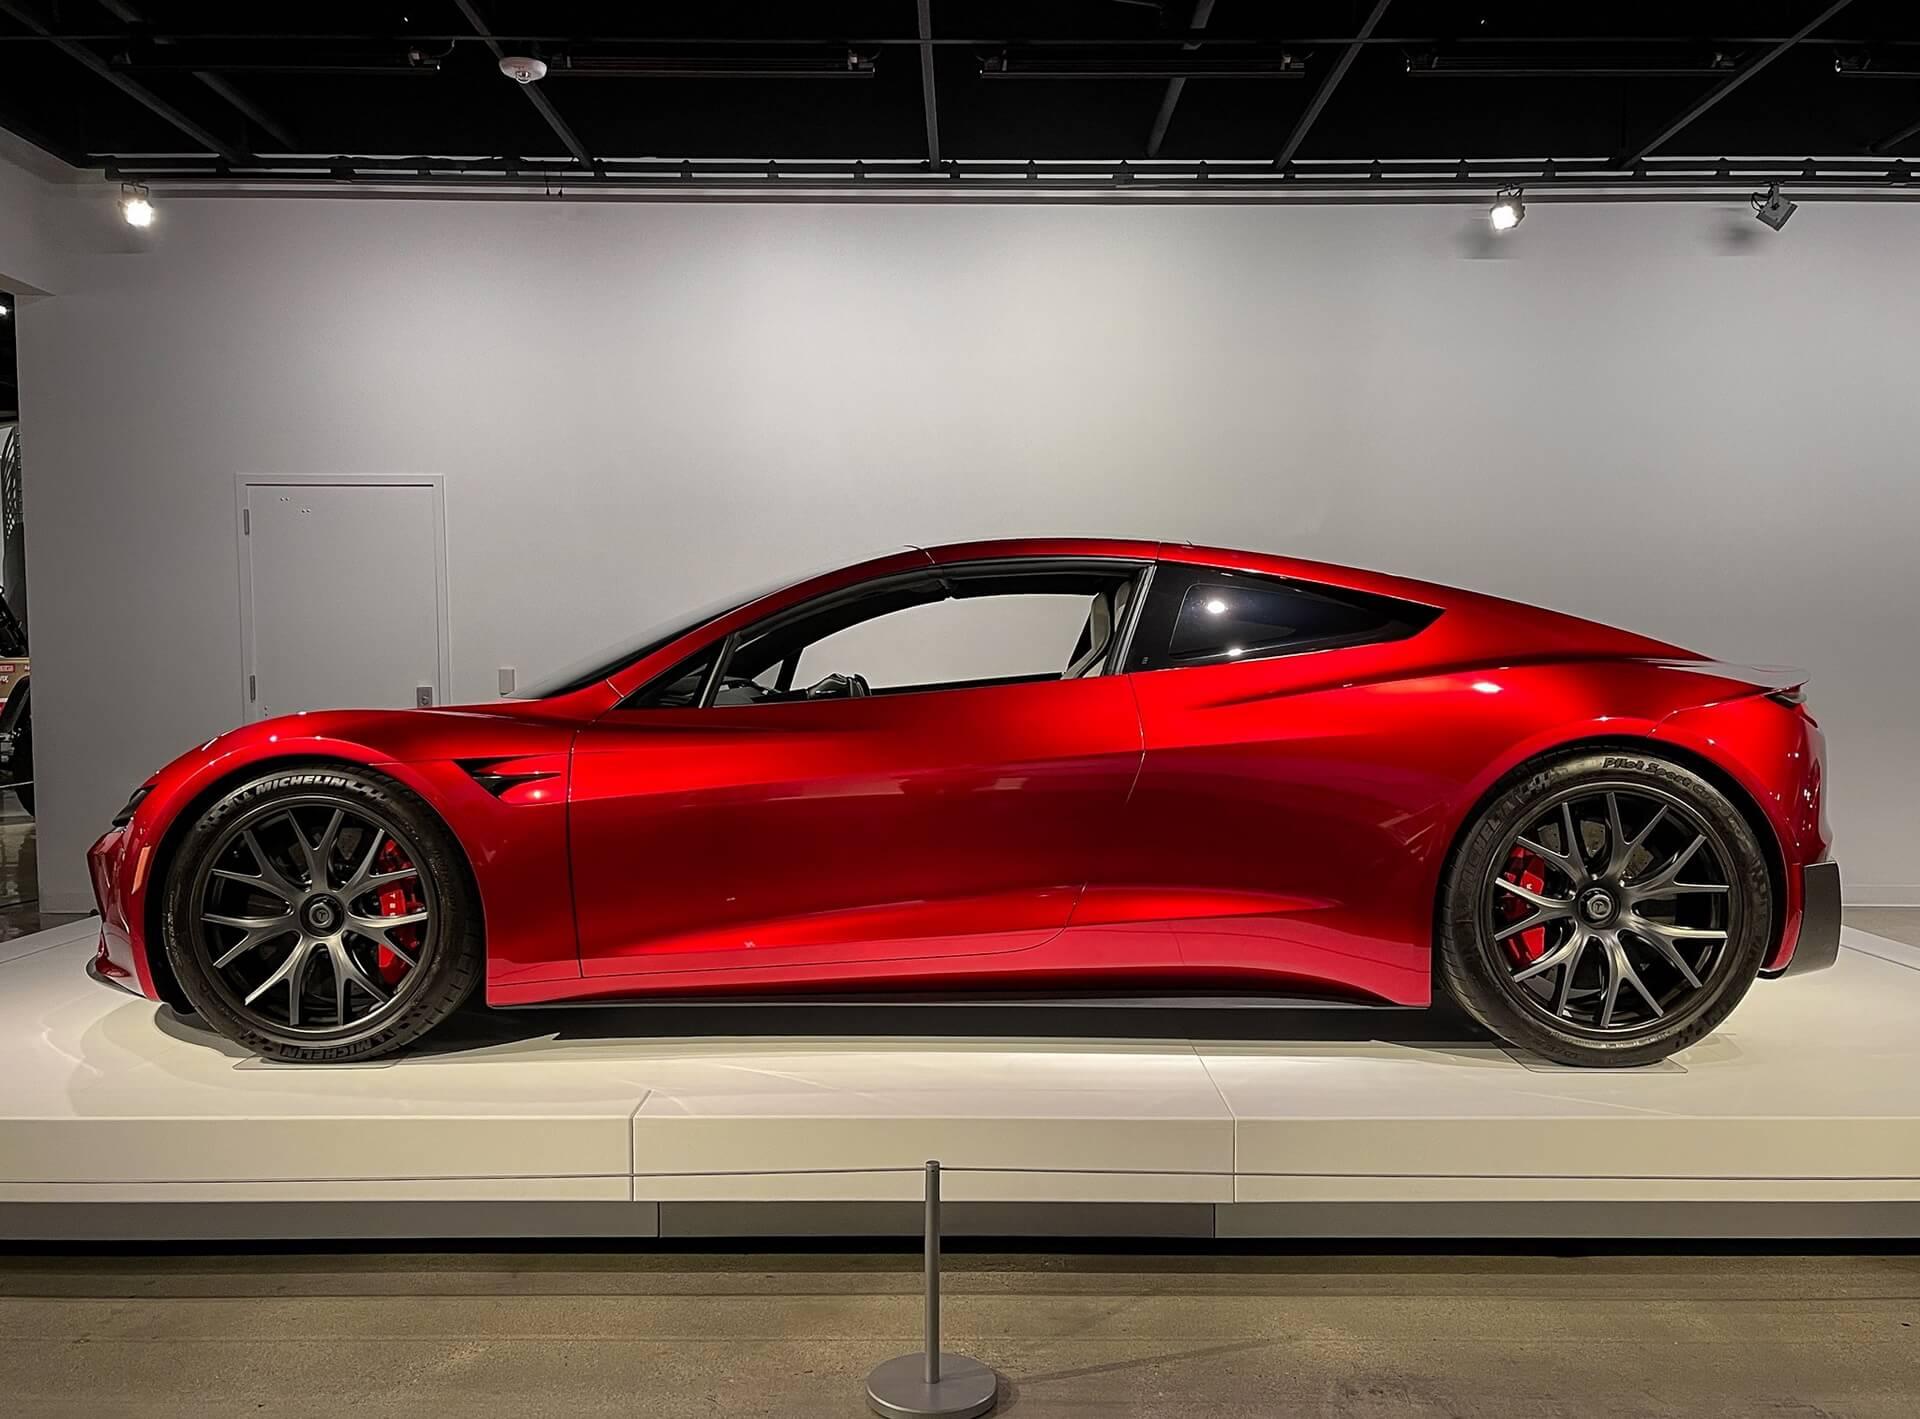 Официально: Илон Маск подтвердил невероятный разгон Tesla Roadster 2 до 96,6 км/ч за 1,1 секунды с «пакетом SpaceX»